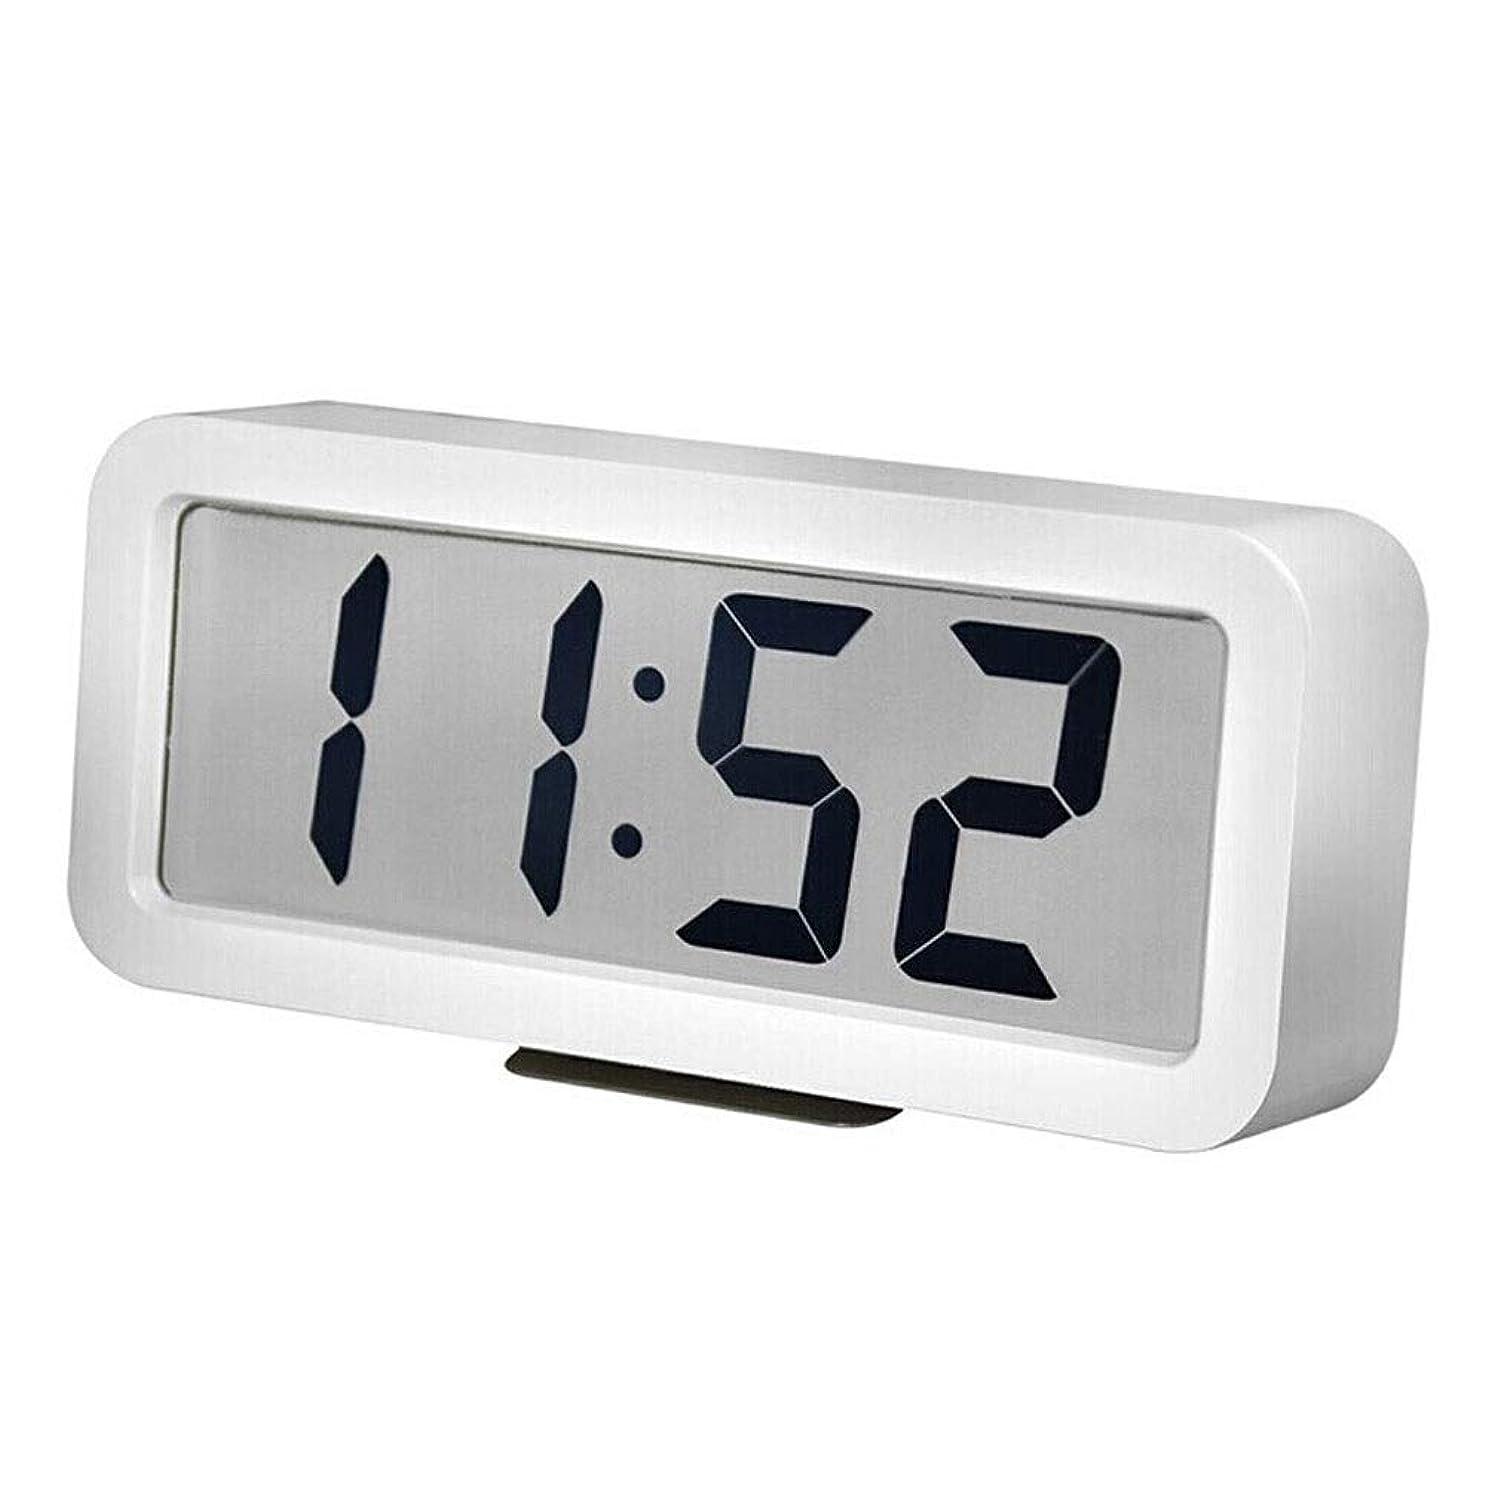 キウイ招待留め金シンプルでモダンな電子目覚まし時計寝室のベッドサイドの目覚まし時計大画面 (Color : White)